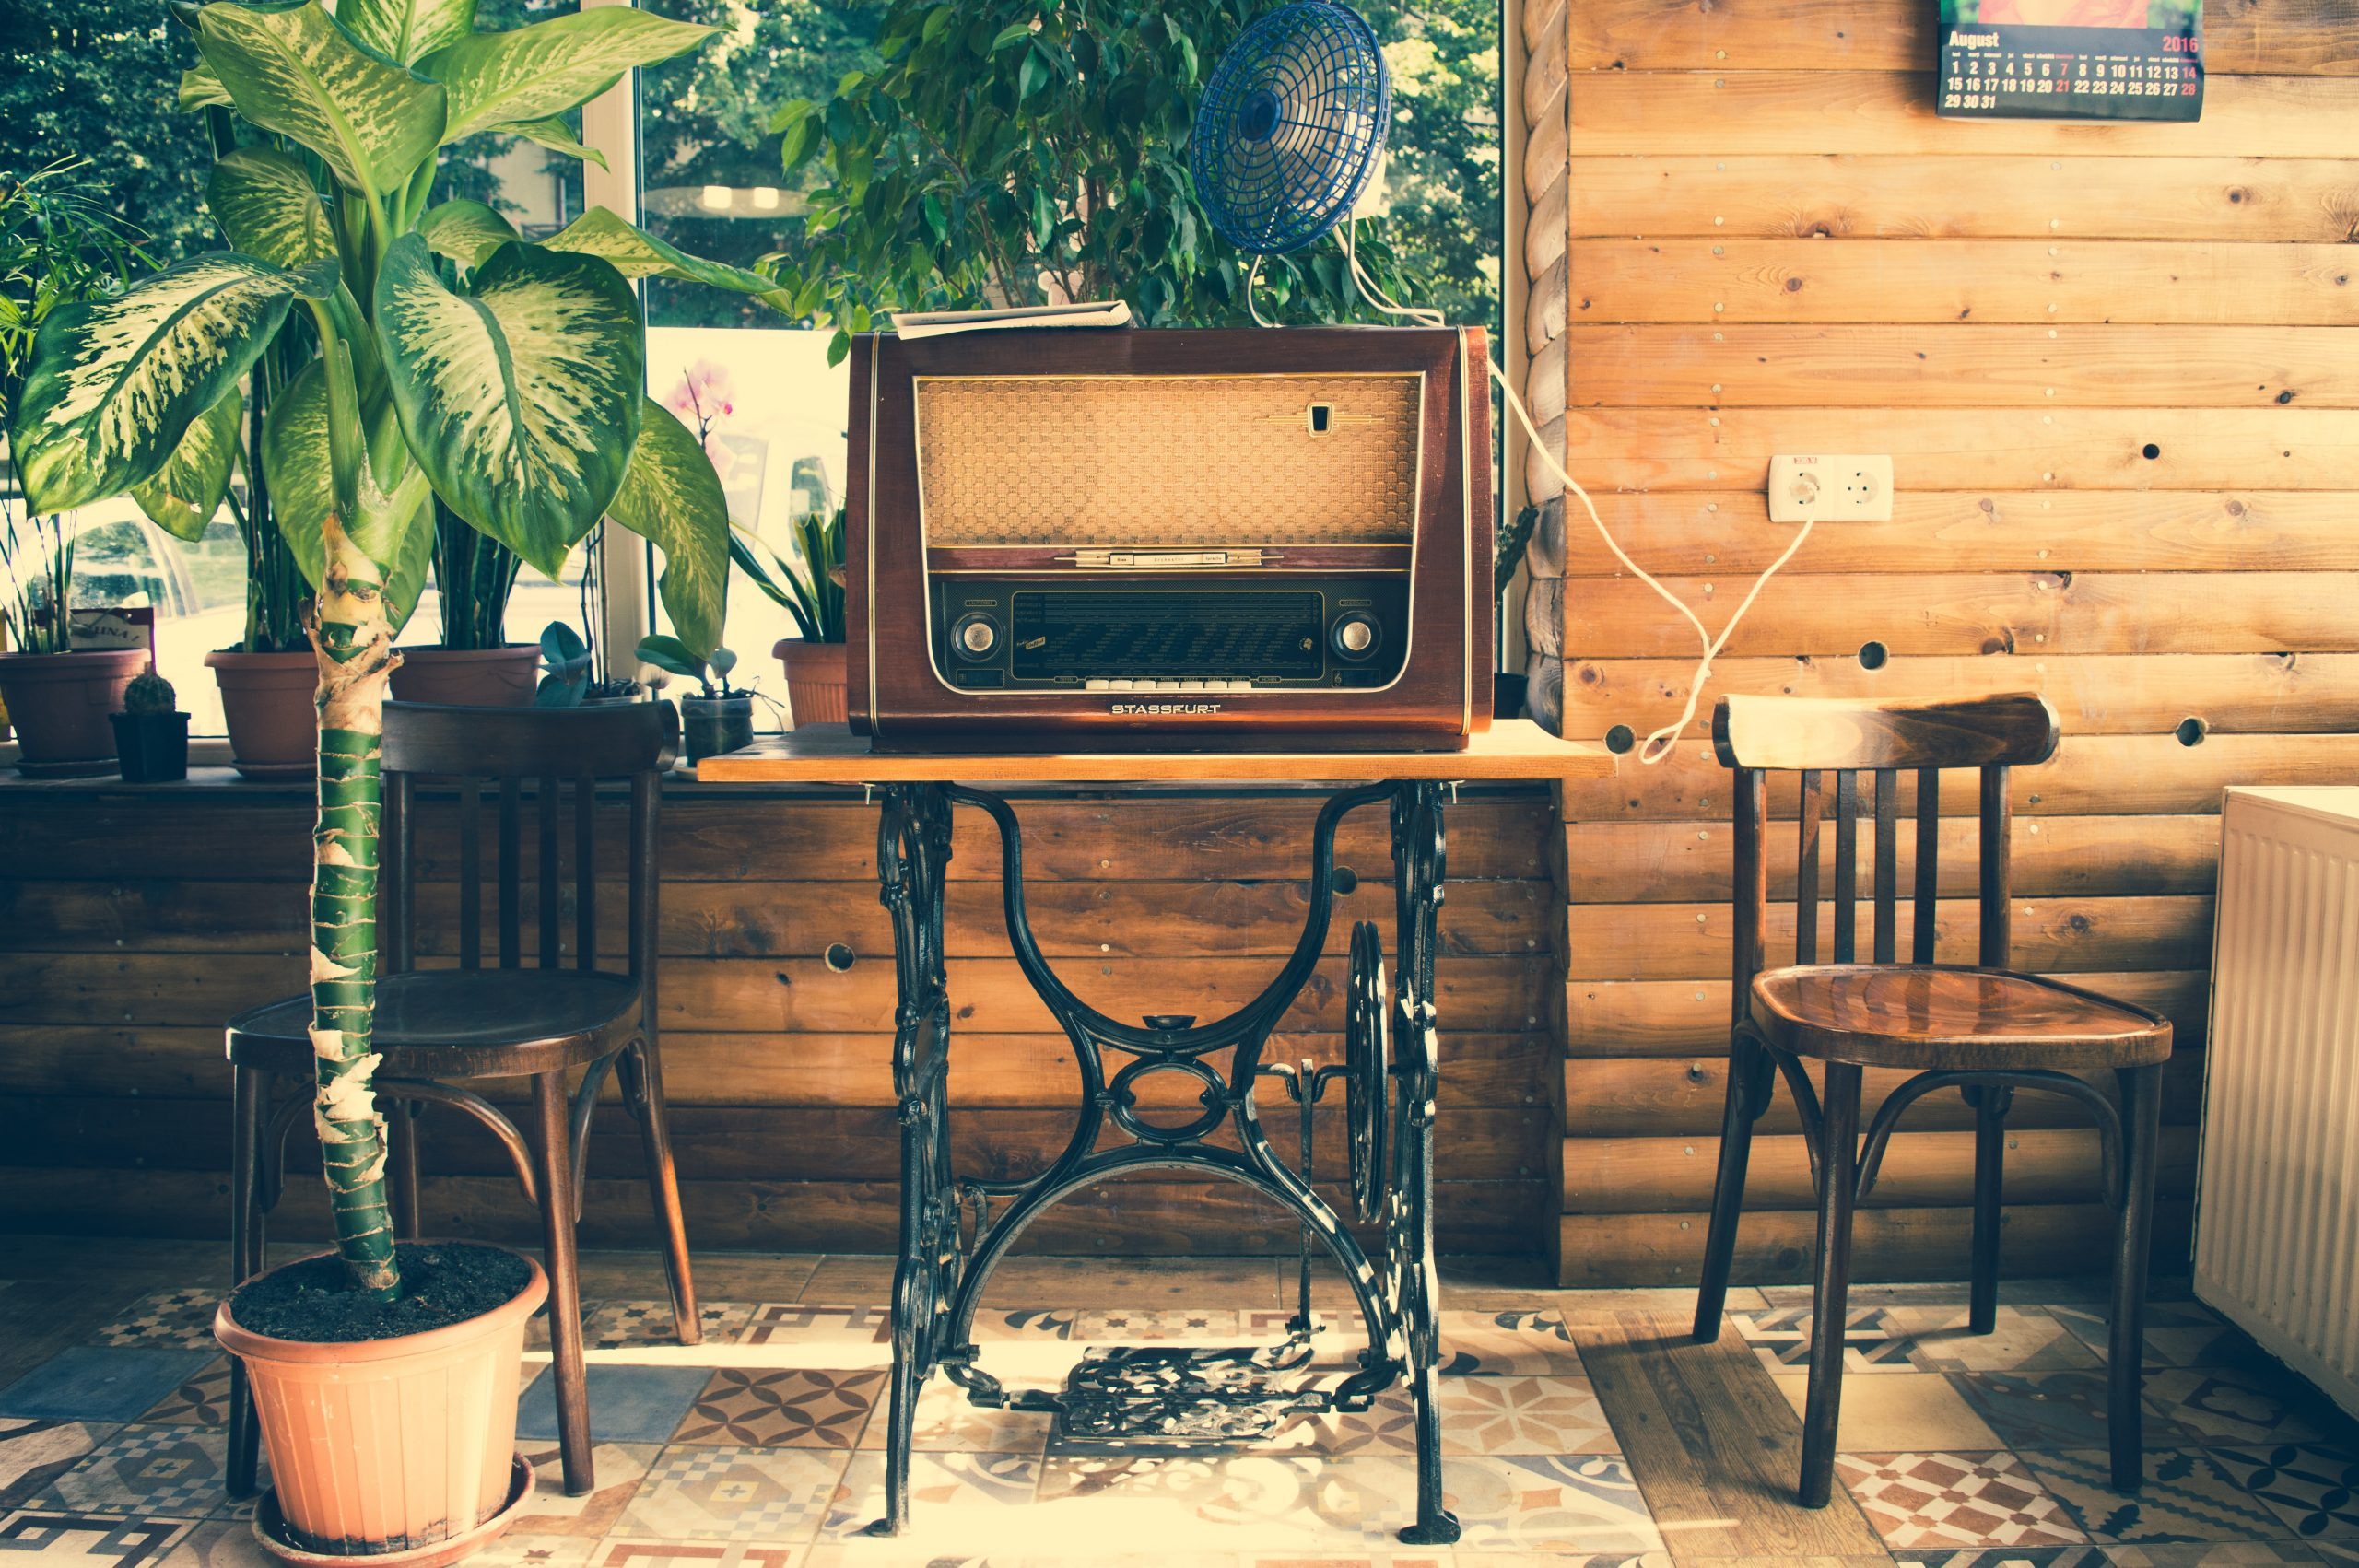 Staré retro rádio na stolíku